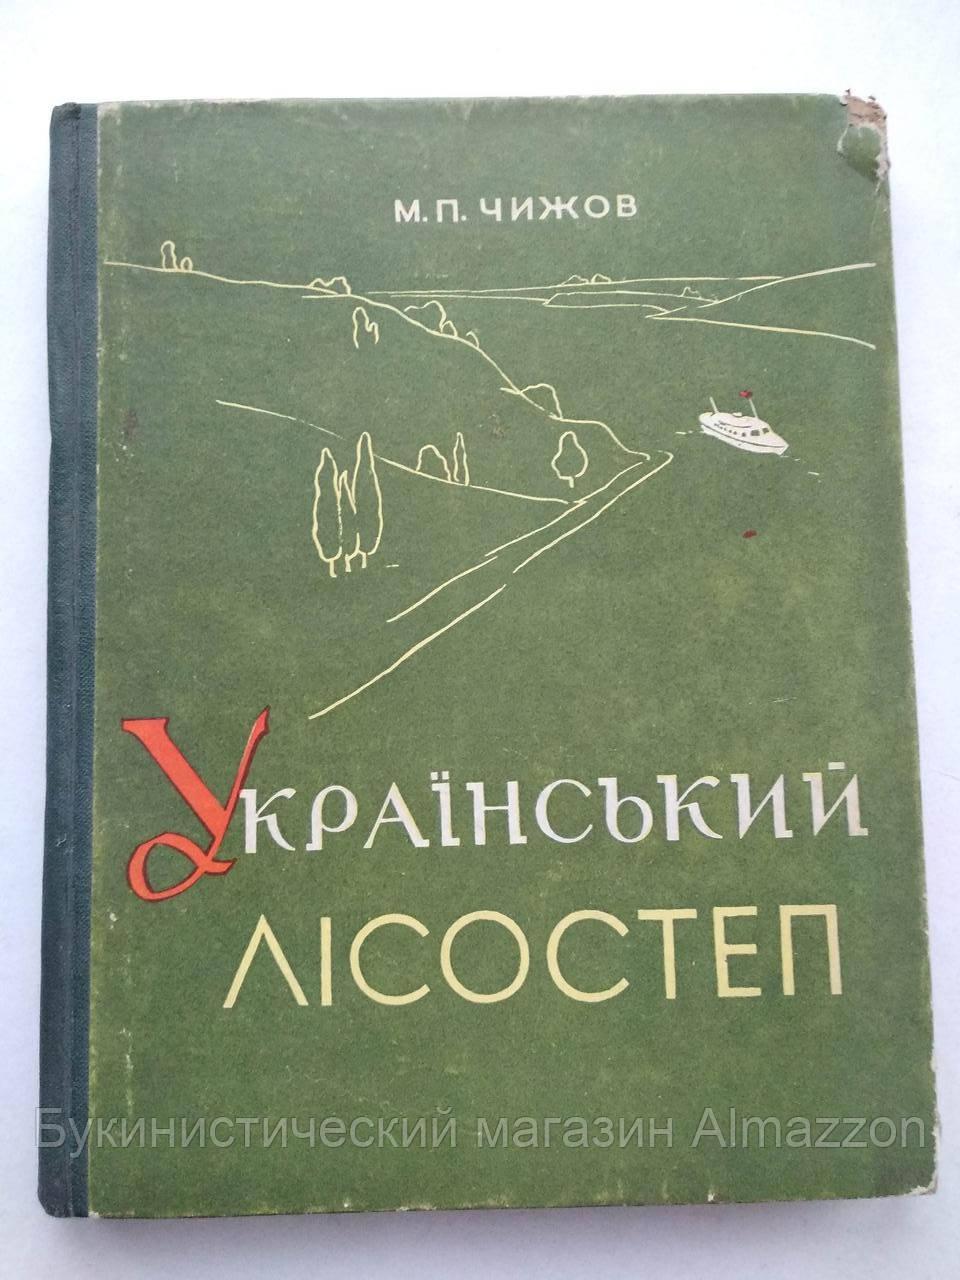 Український лісостеп Український лісостеп М. Чижов